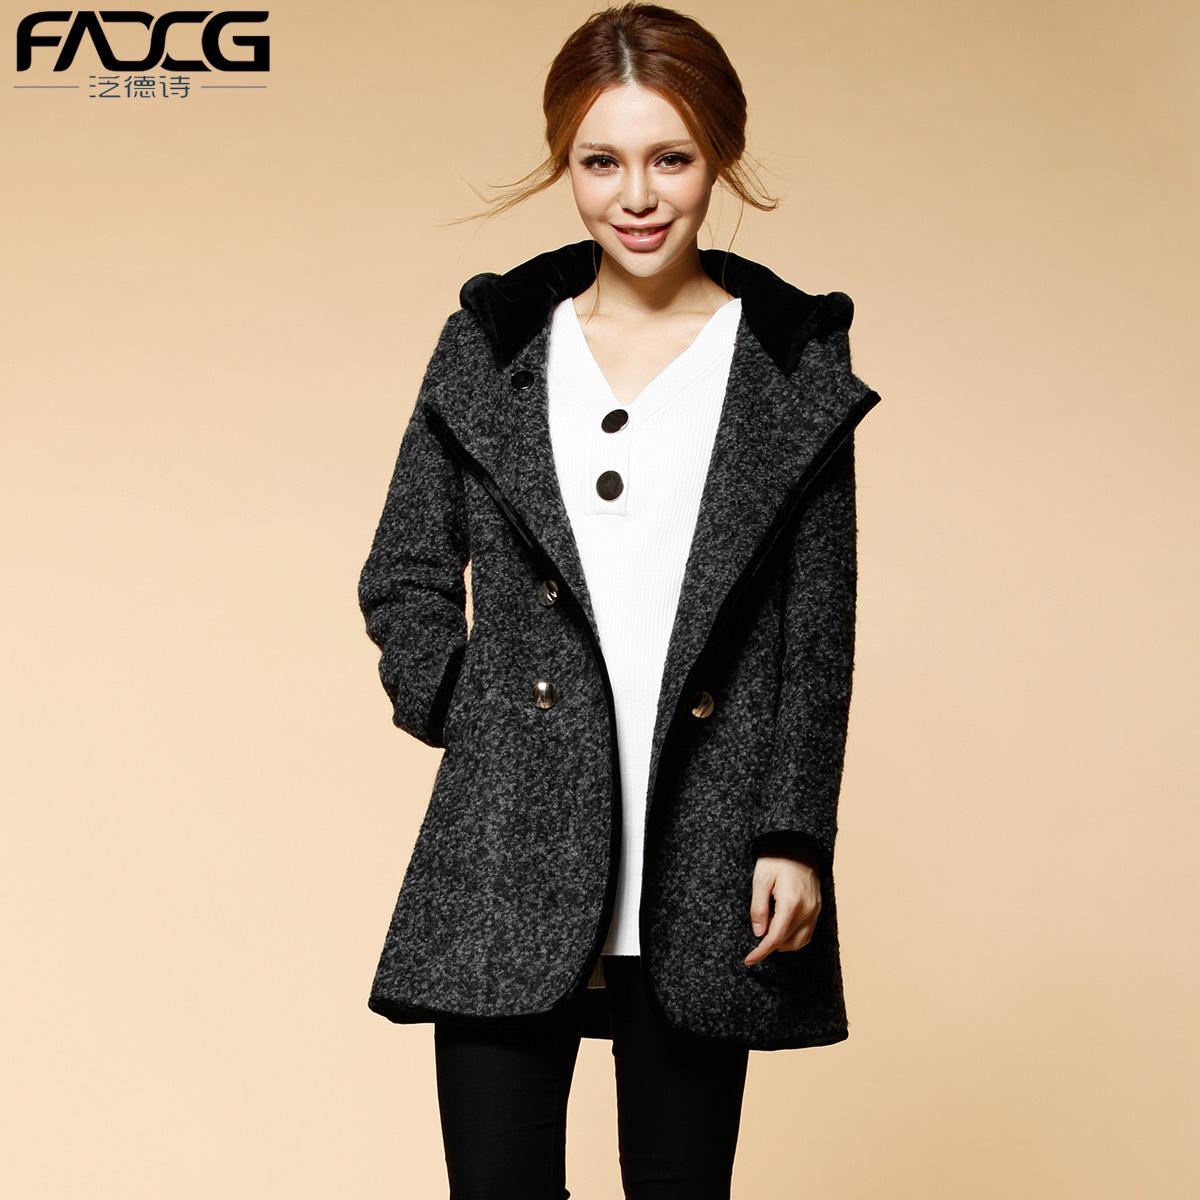 женское пальто Fadcg CN5002 2012 Зима 2012 Длинная модель (80 см<длина изделия ≤ 100 см) Fadcg / Pan-German poetry Длинный рукав Классический рукав